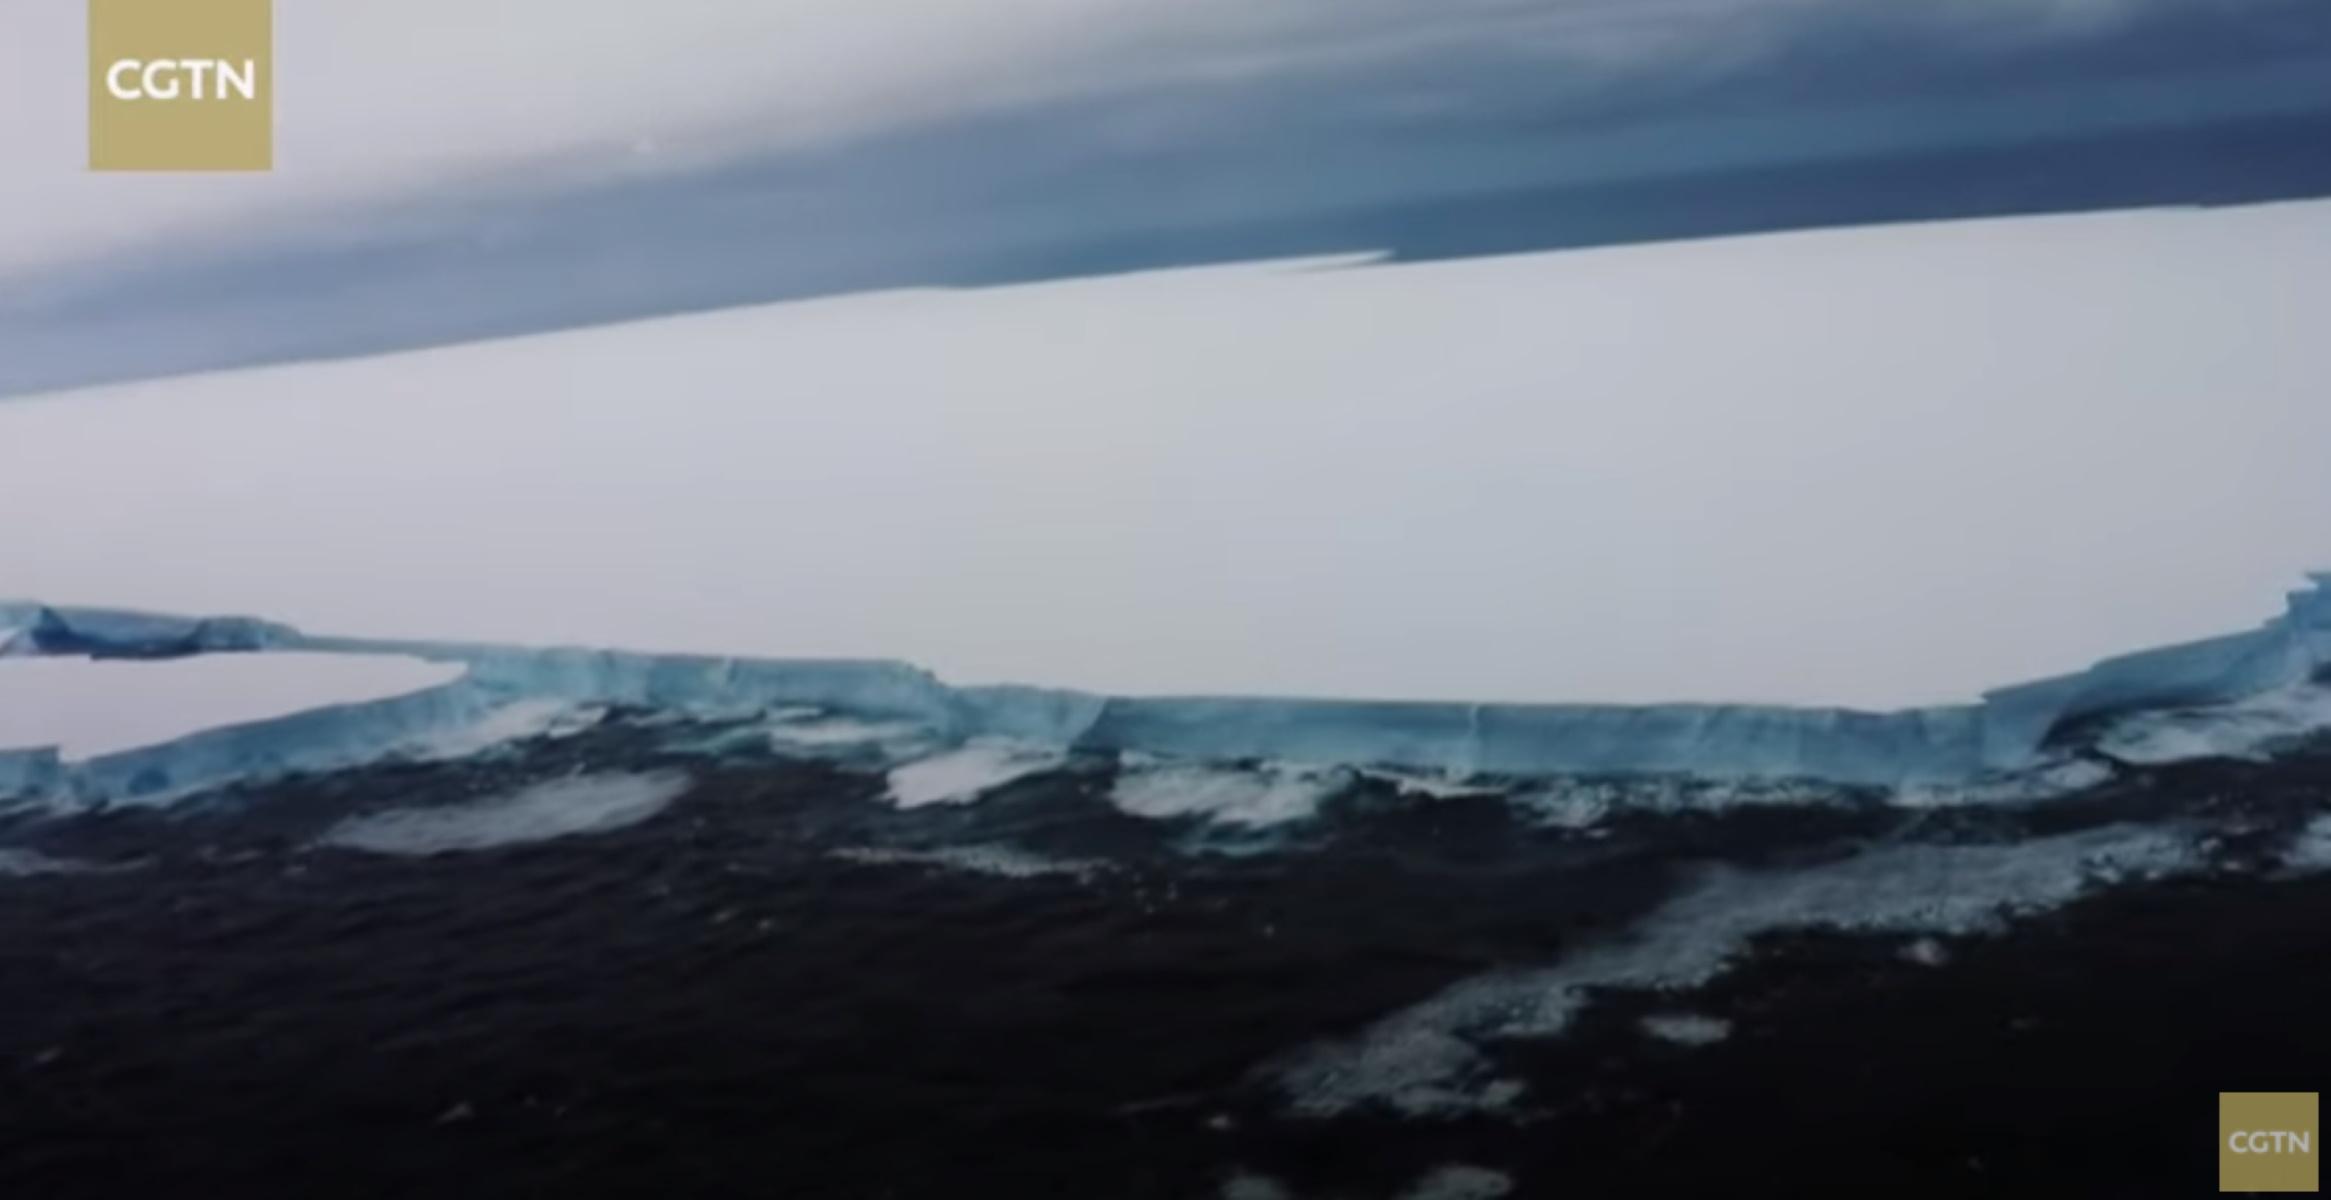 Γιγαντιαίο παγόβουνο απειλεί το νησί των πιγκουίνων – Φόβοι για καταστροφική σύγκρουση